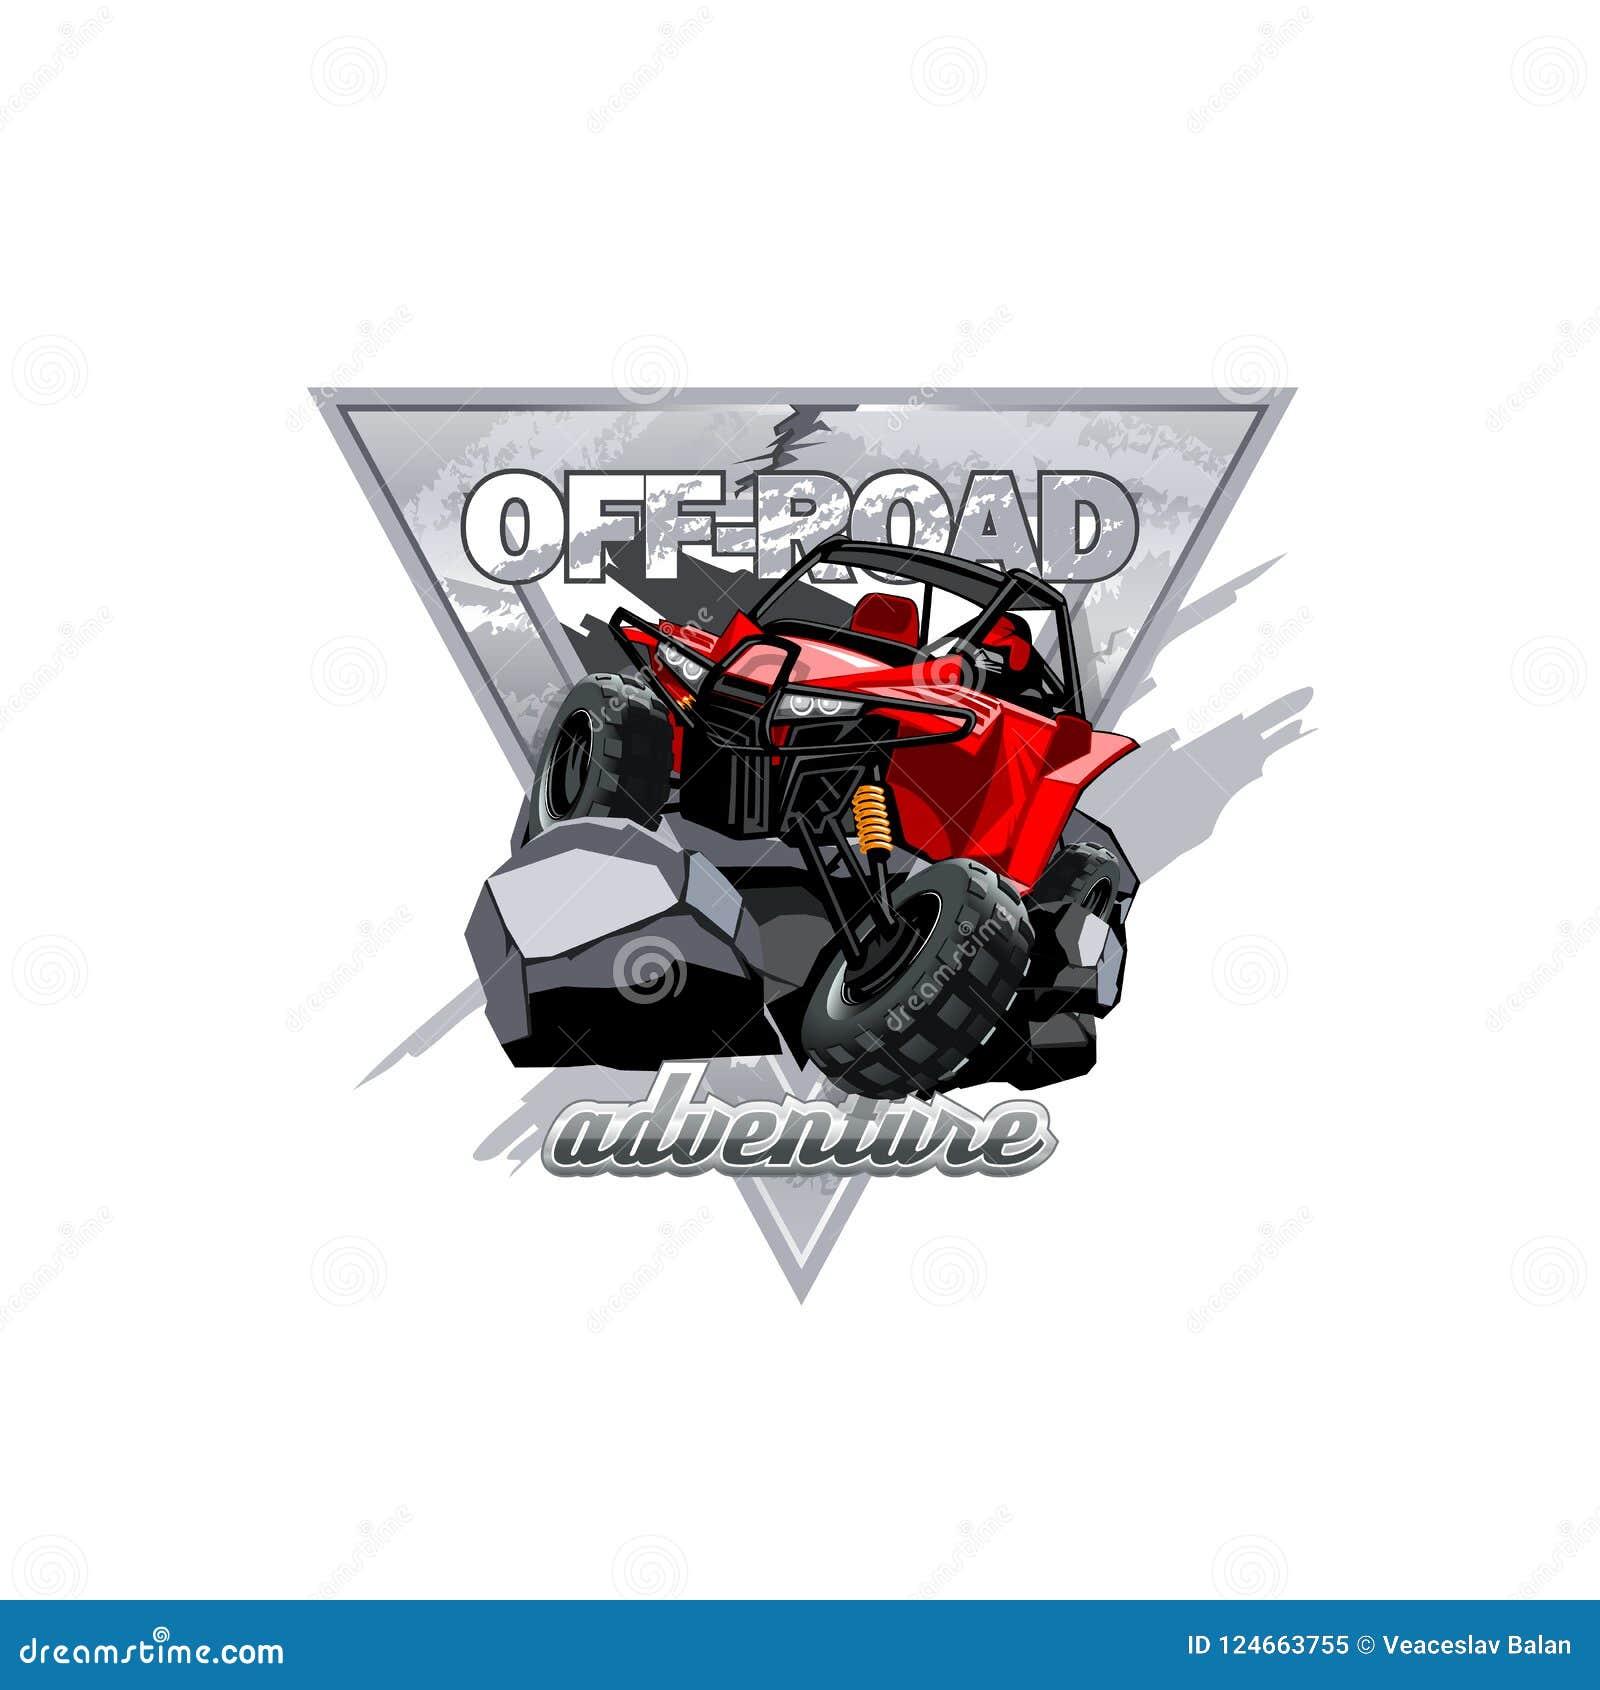 Logotipo con errores campo a través de ATV, aventura en las montañas